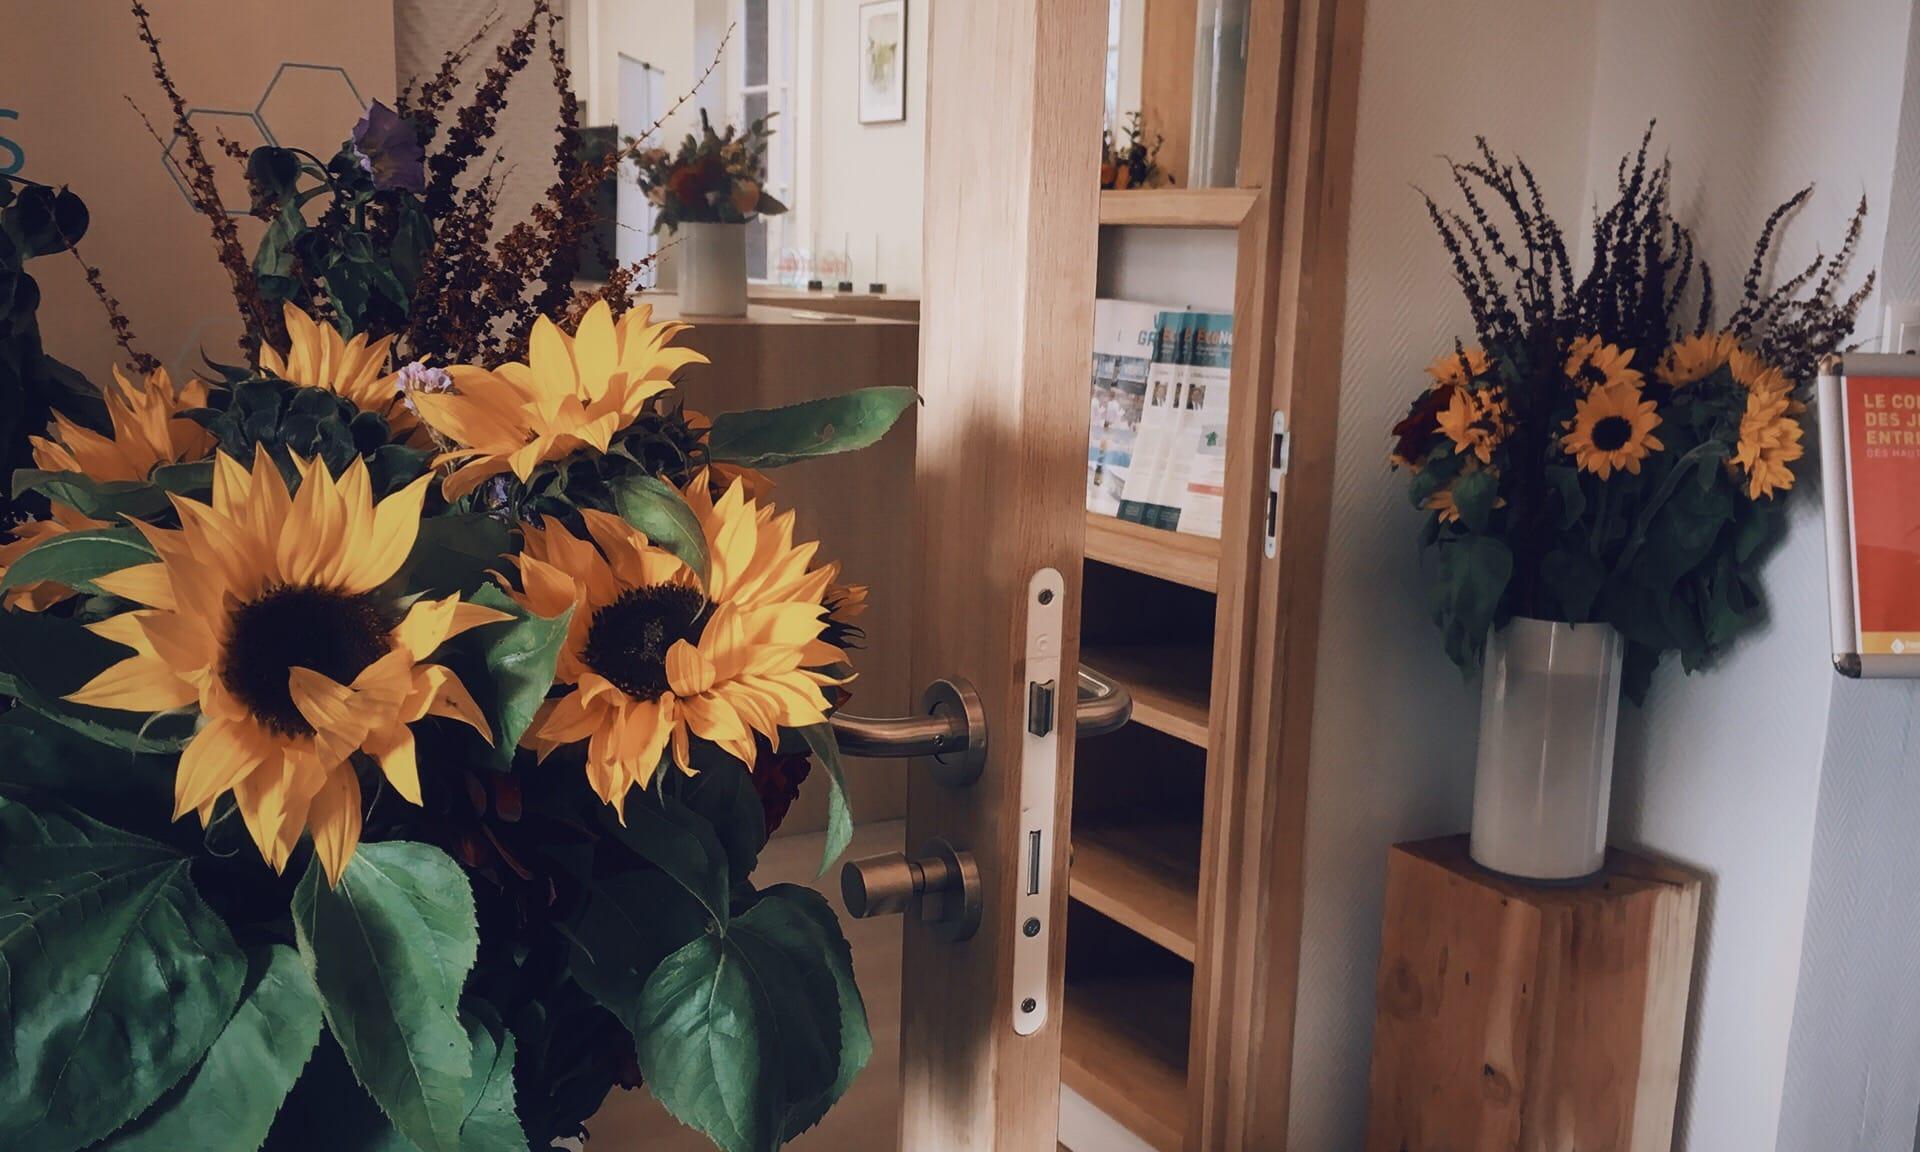 08_Nordscape_evenement-bouquet-automne-tourne-sol